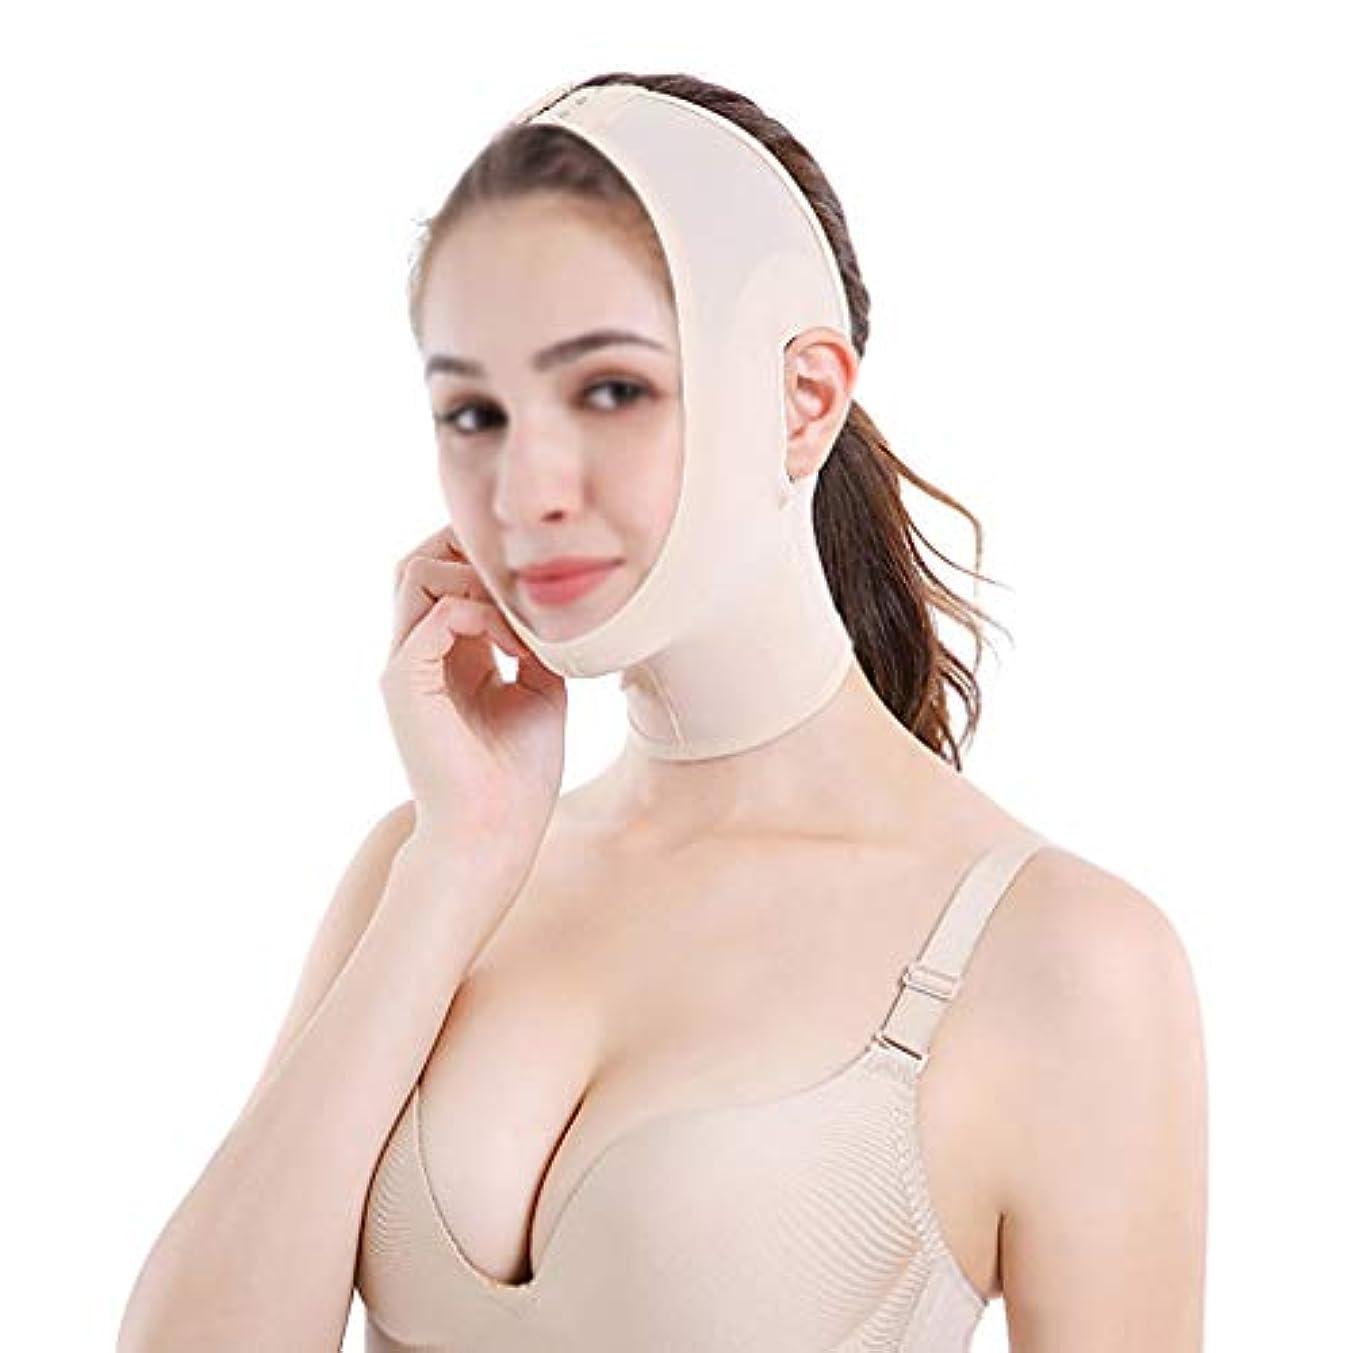 悲鳴思いやり終点LJK ベルトフェイスリフティング包帯小Vフェイスマスクフェイスリフティングアーティファクトフェイスリフティングファーミングマスクをスリミングフェイスマスクを引き締め (Size : M)